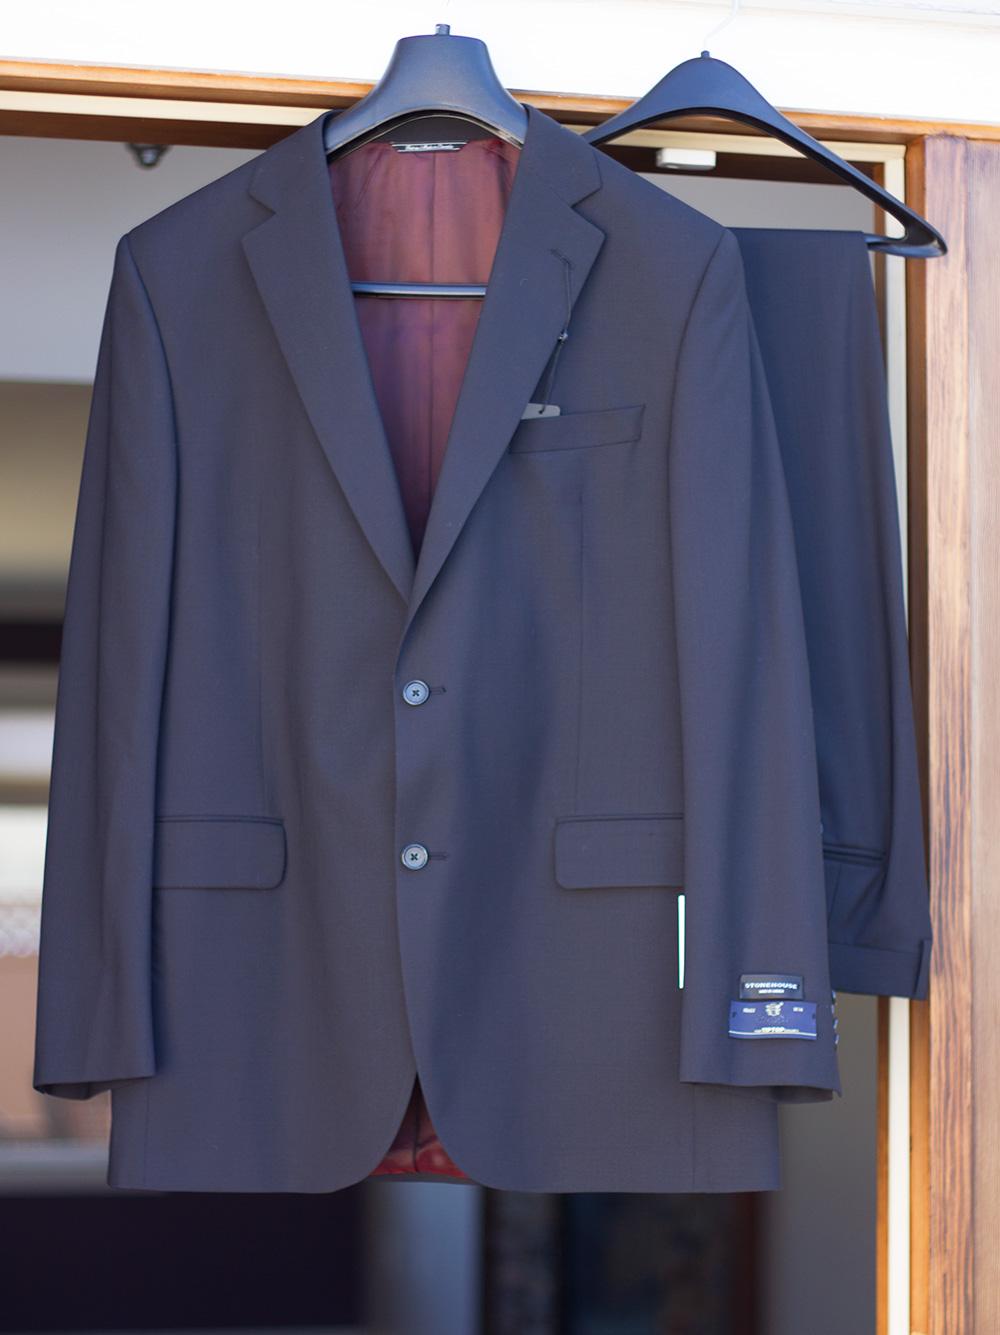 Renes-wedding-suit